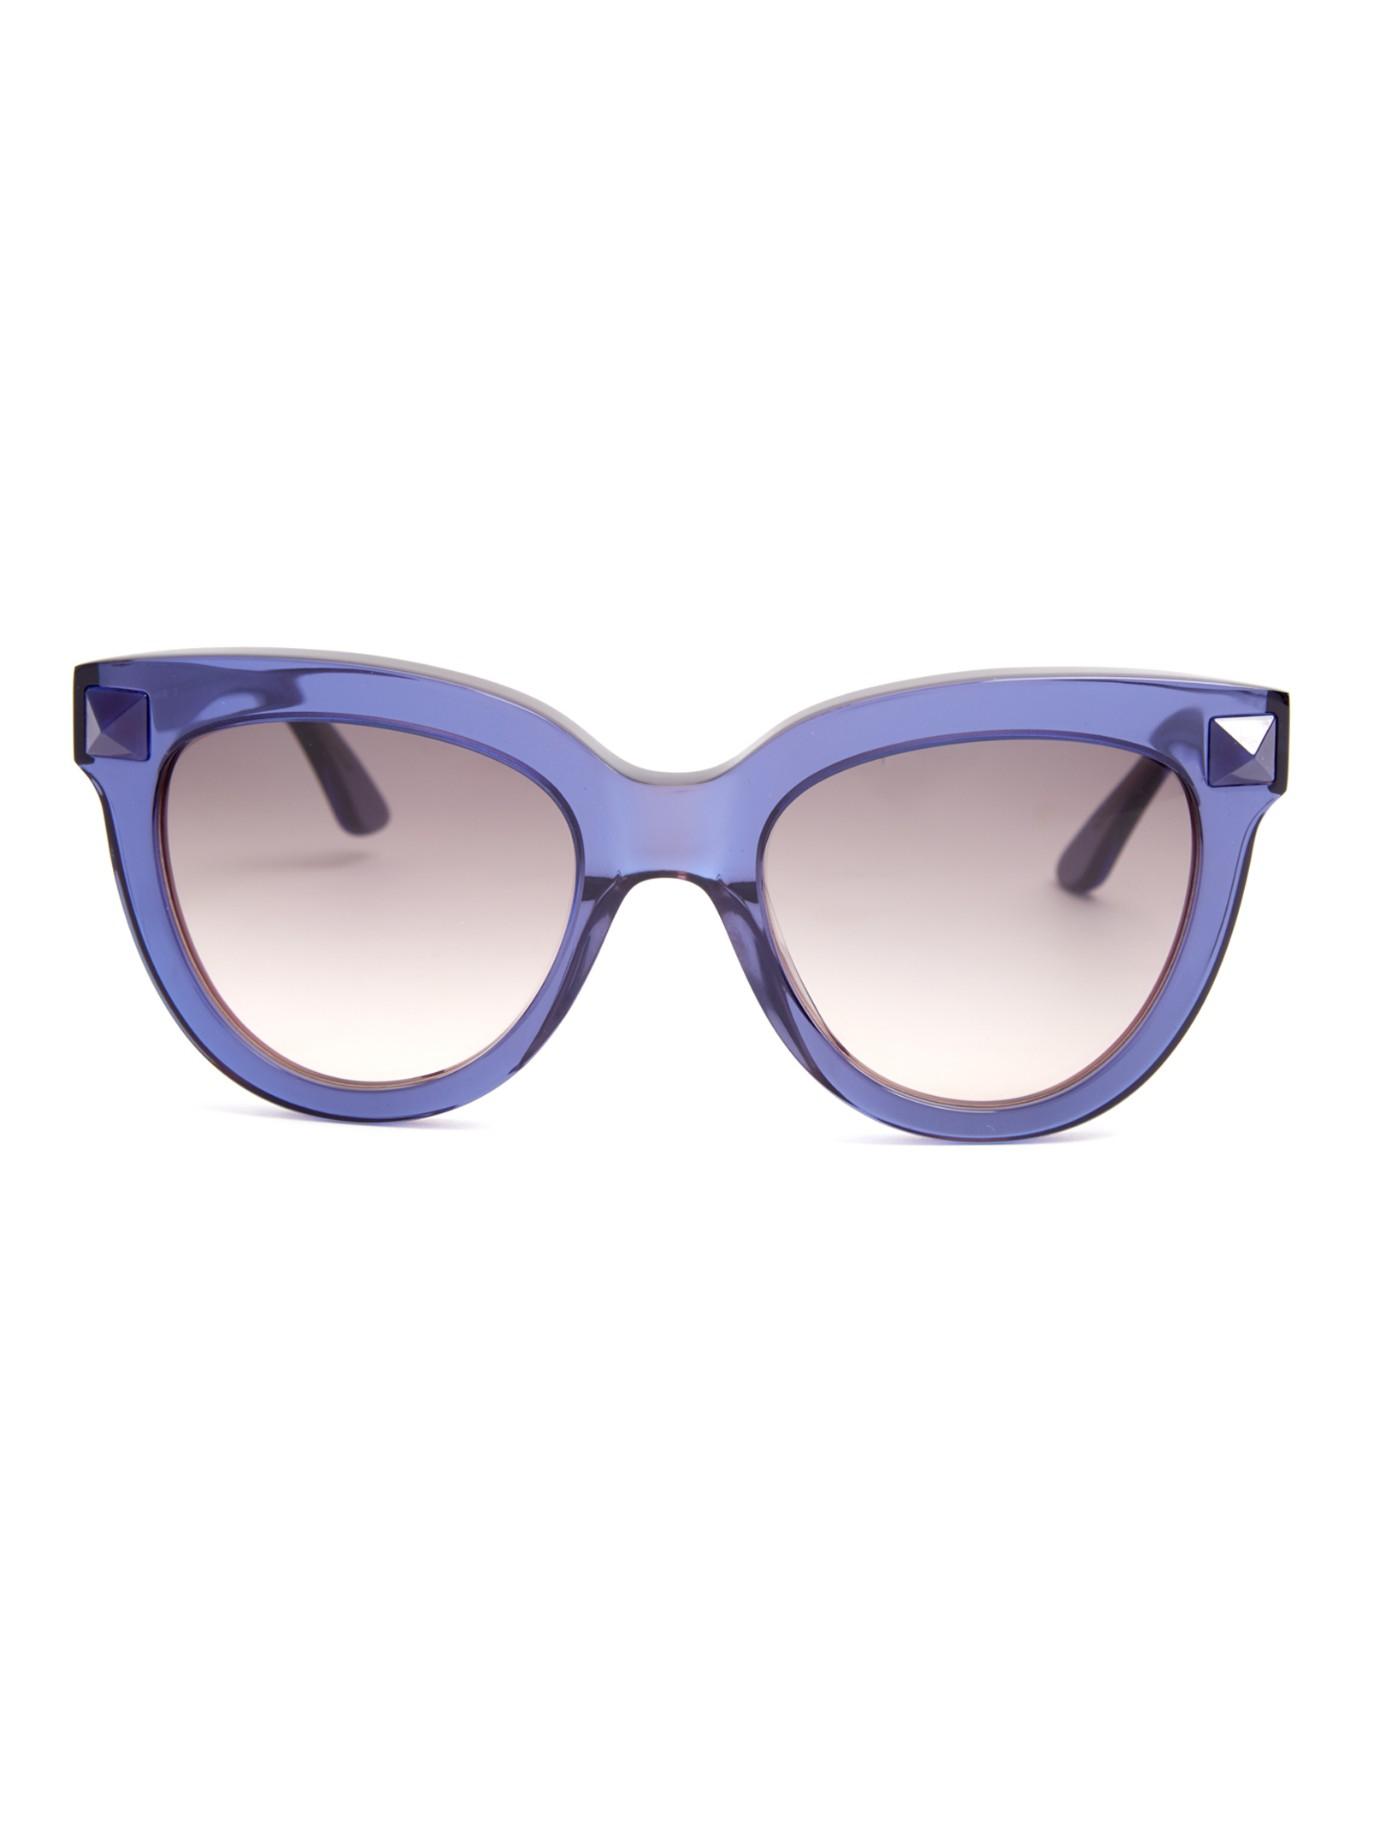 dd1a0fb8b9 Lyst - Valentino Rockstud Cat-eye Frame Sunglasses in Blue